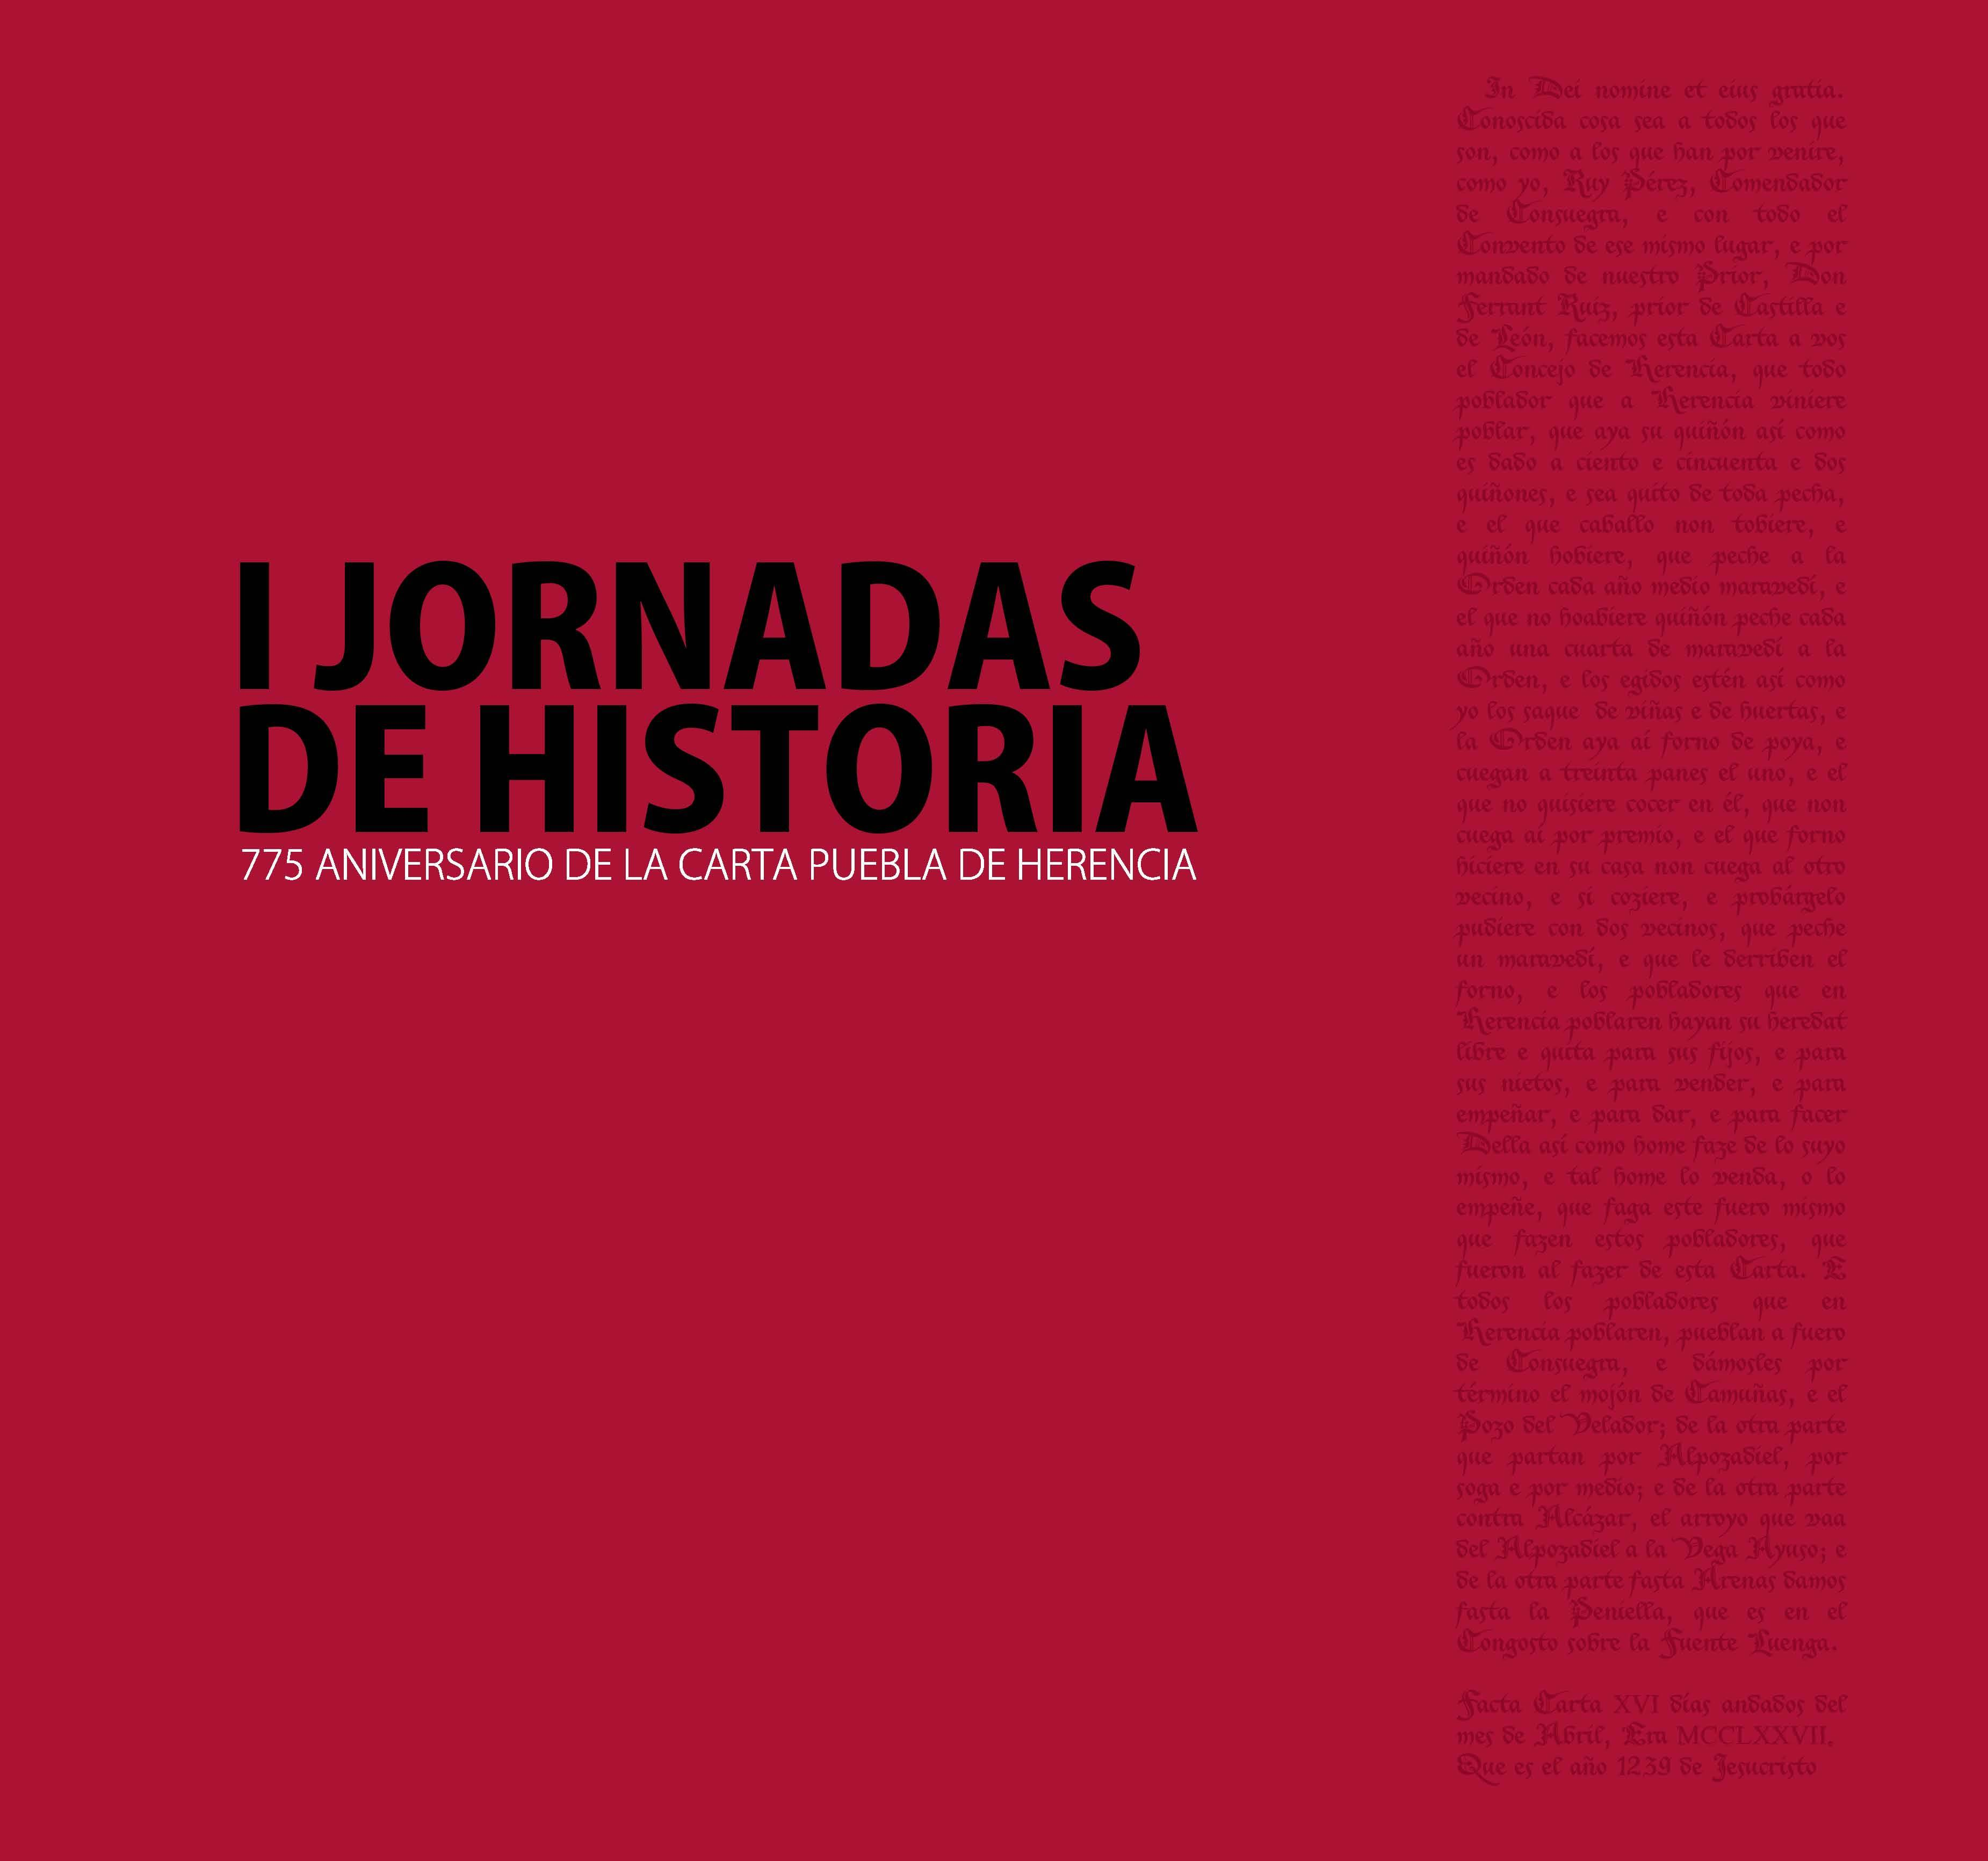 herencia portada libro jornadas historicas - A la venta el libro de las terceras jornadas de historia de Herencia